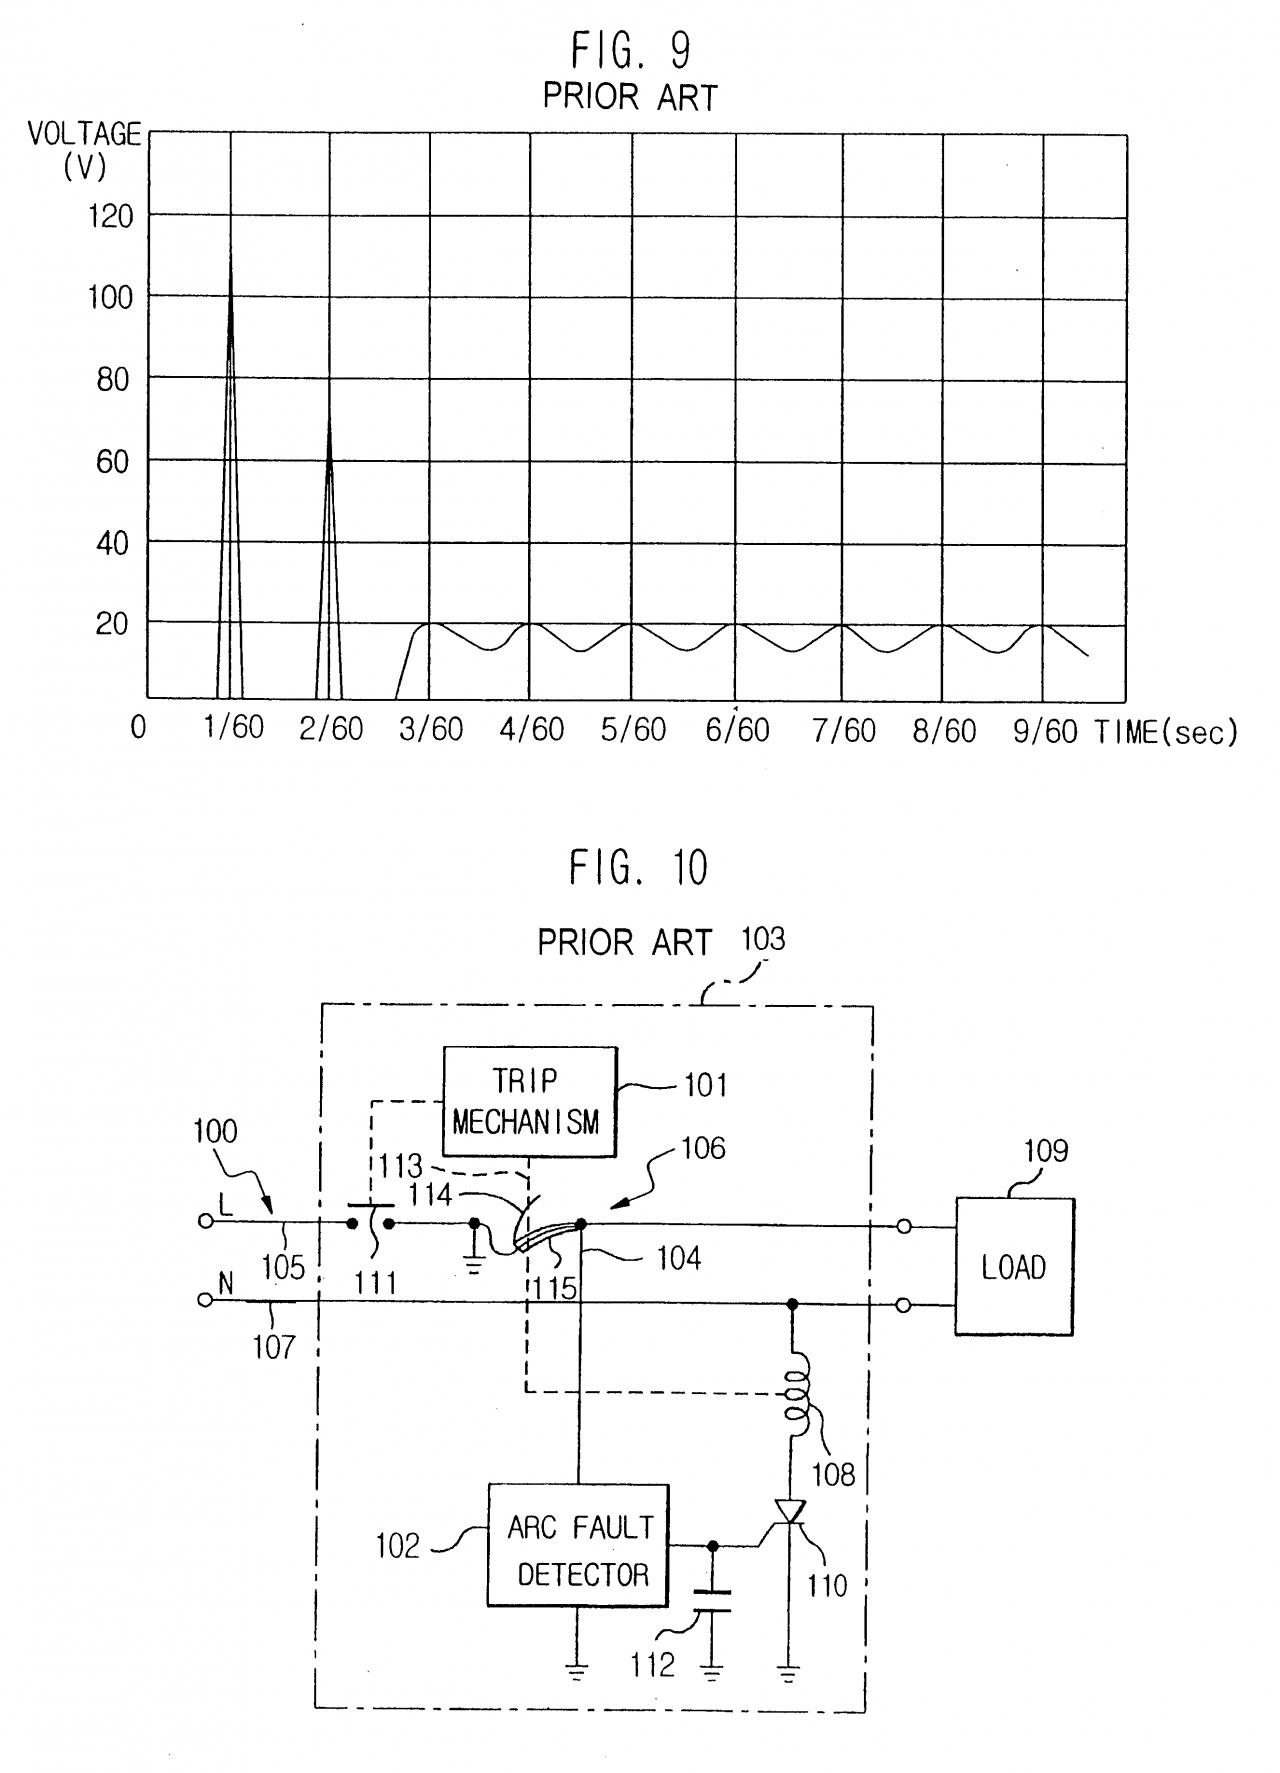 afci schematic wiring diagram